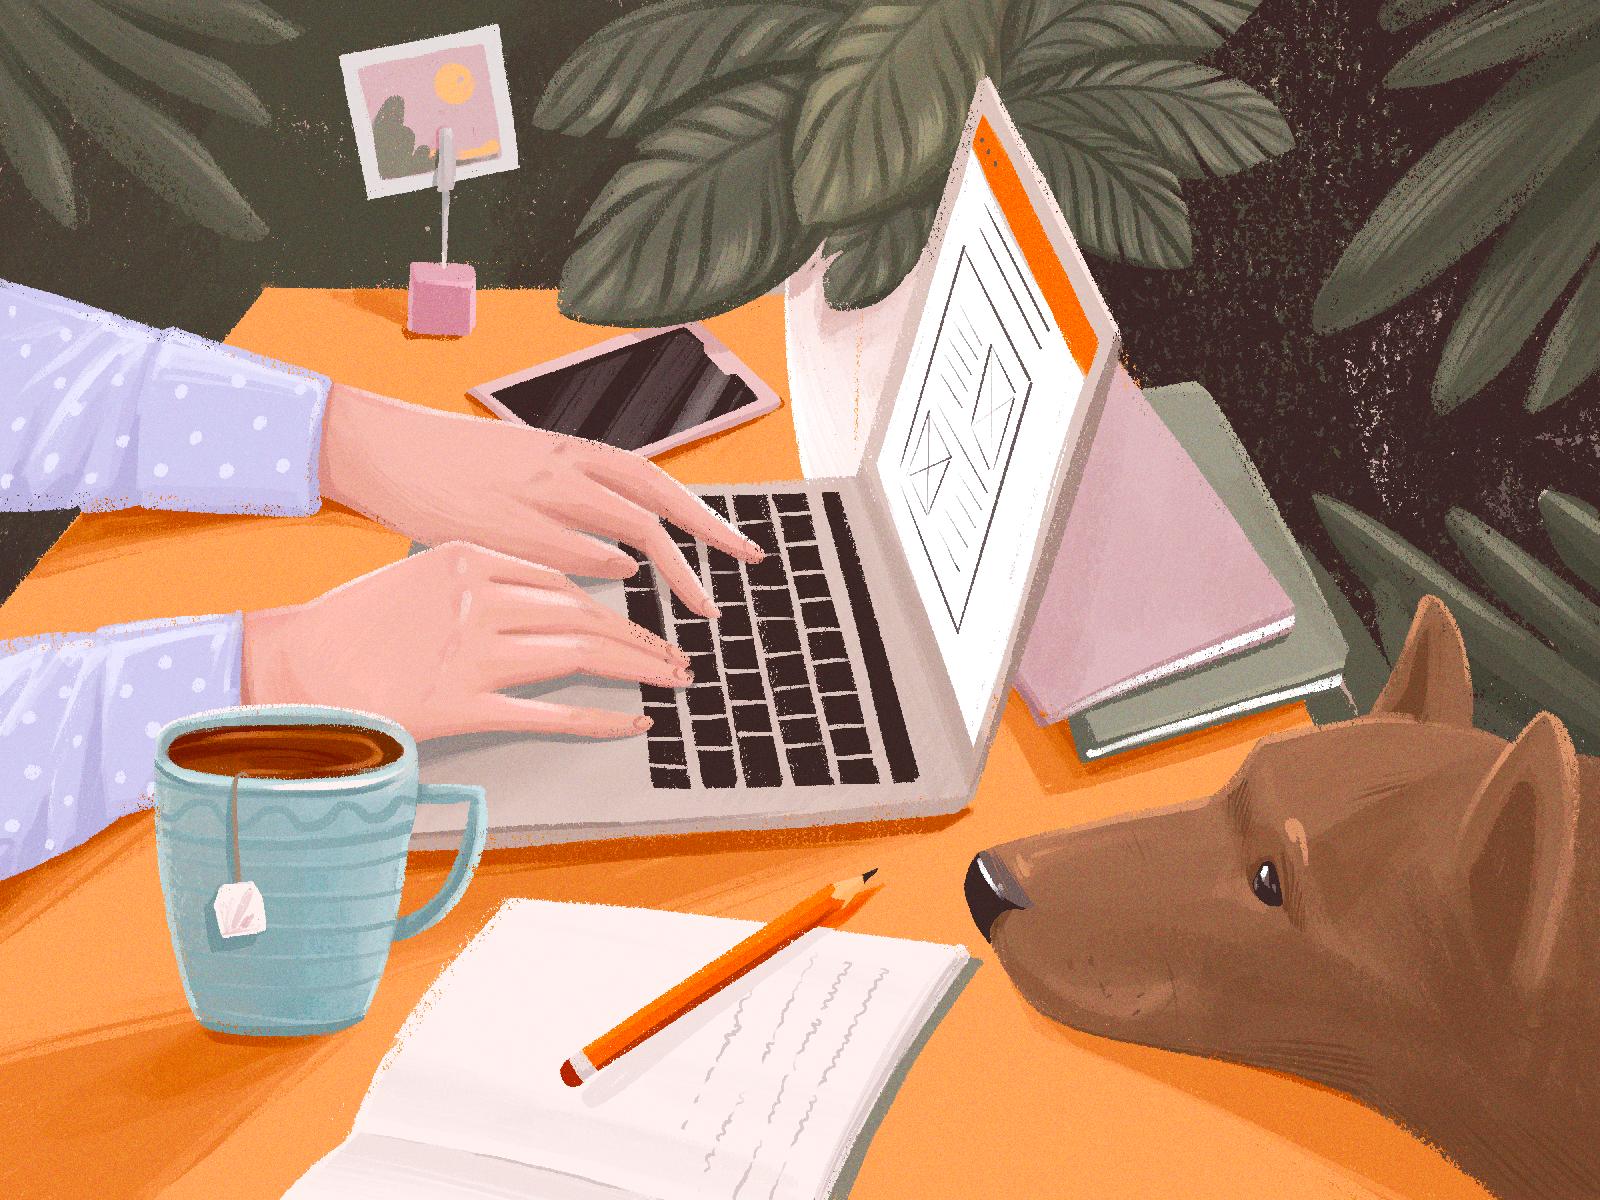 Designer Workspace Illustration by tubik.arts